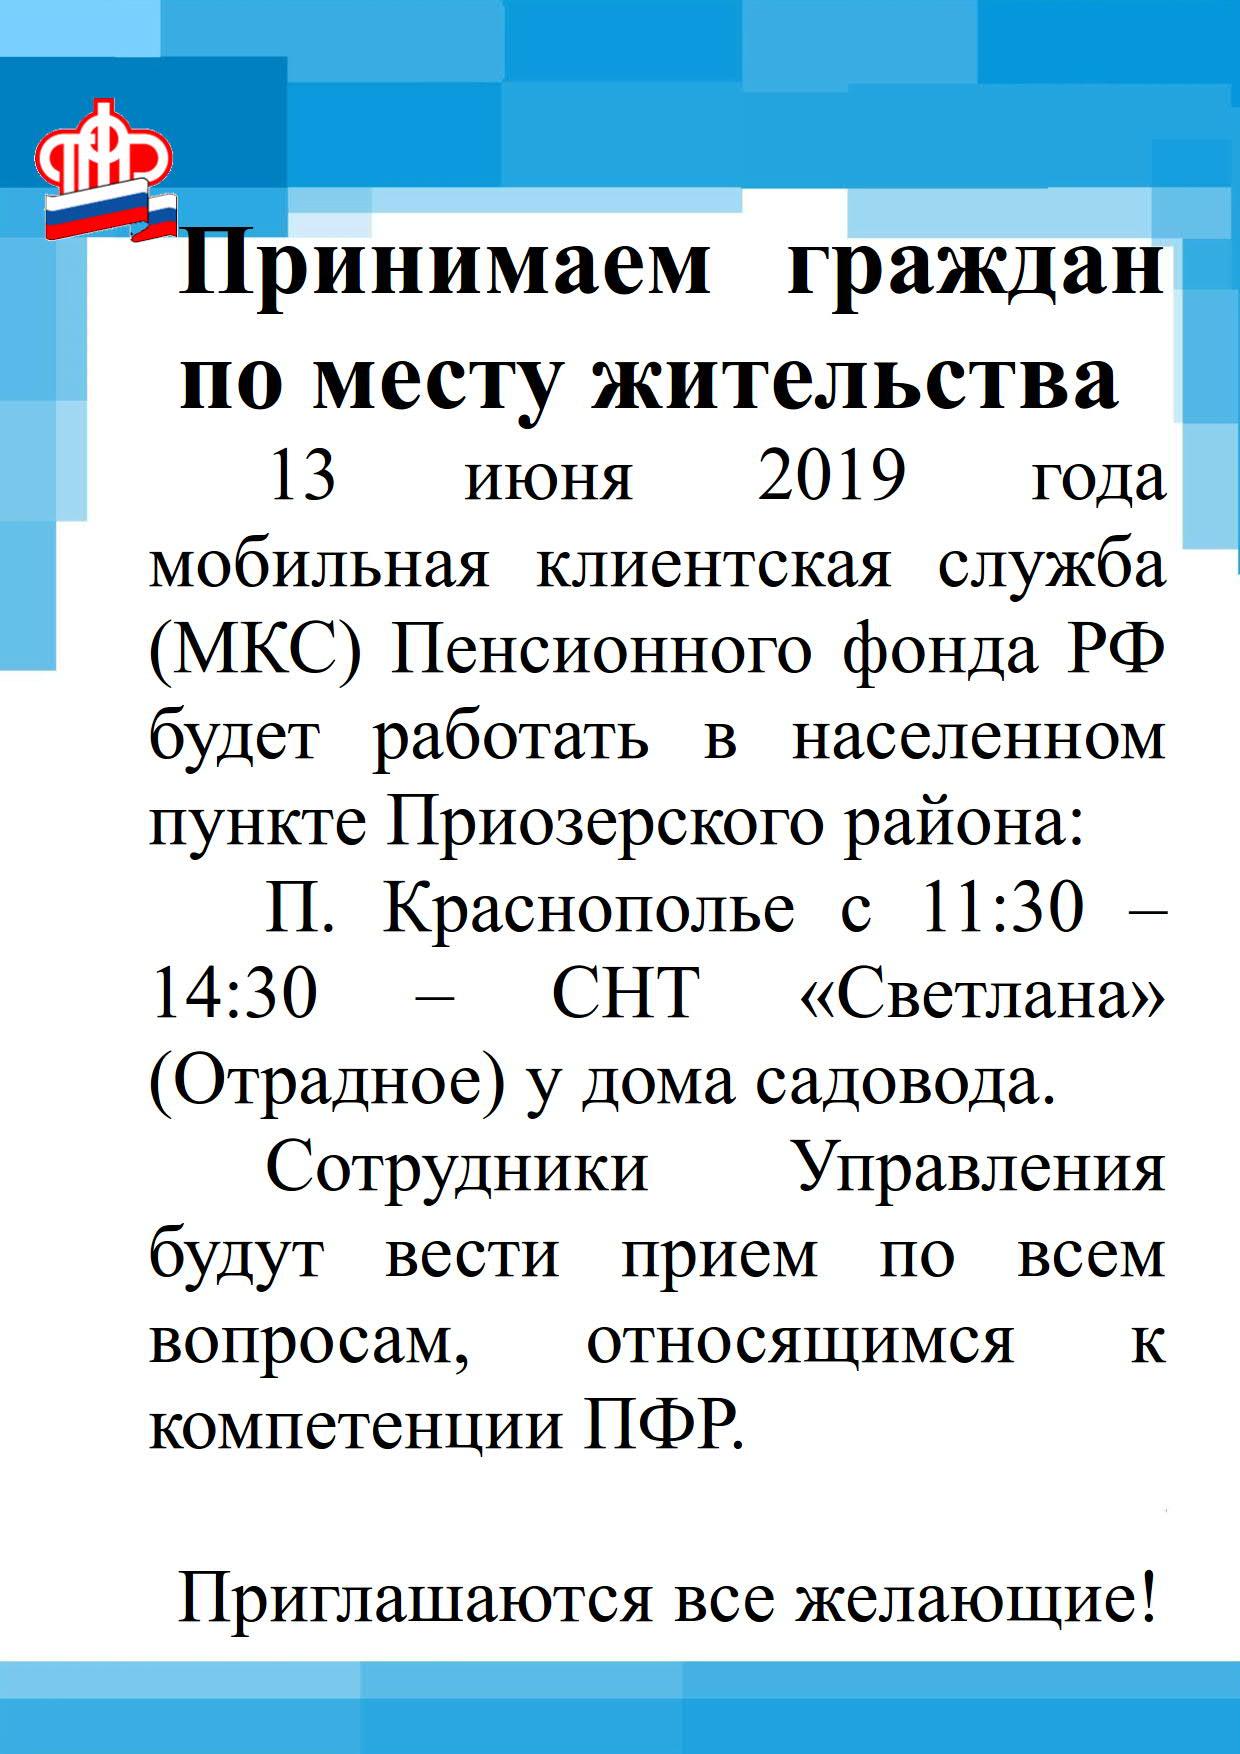 краснополье 13.06.19_1